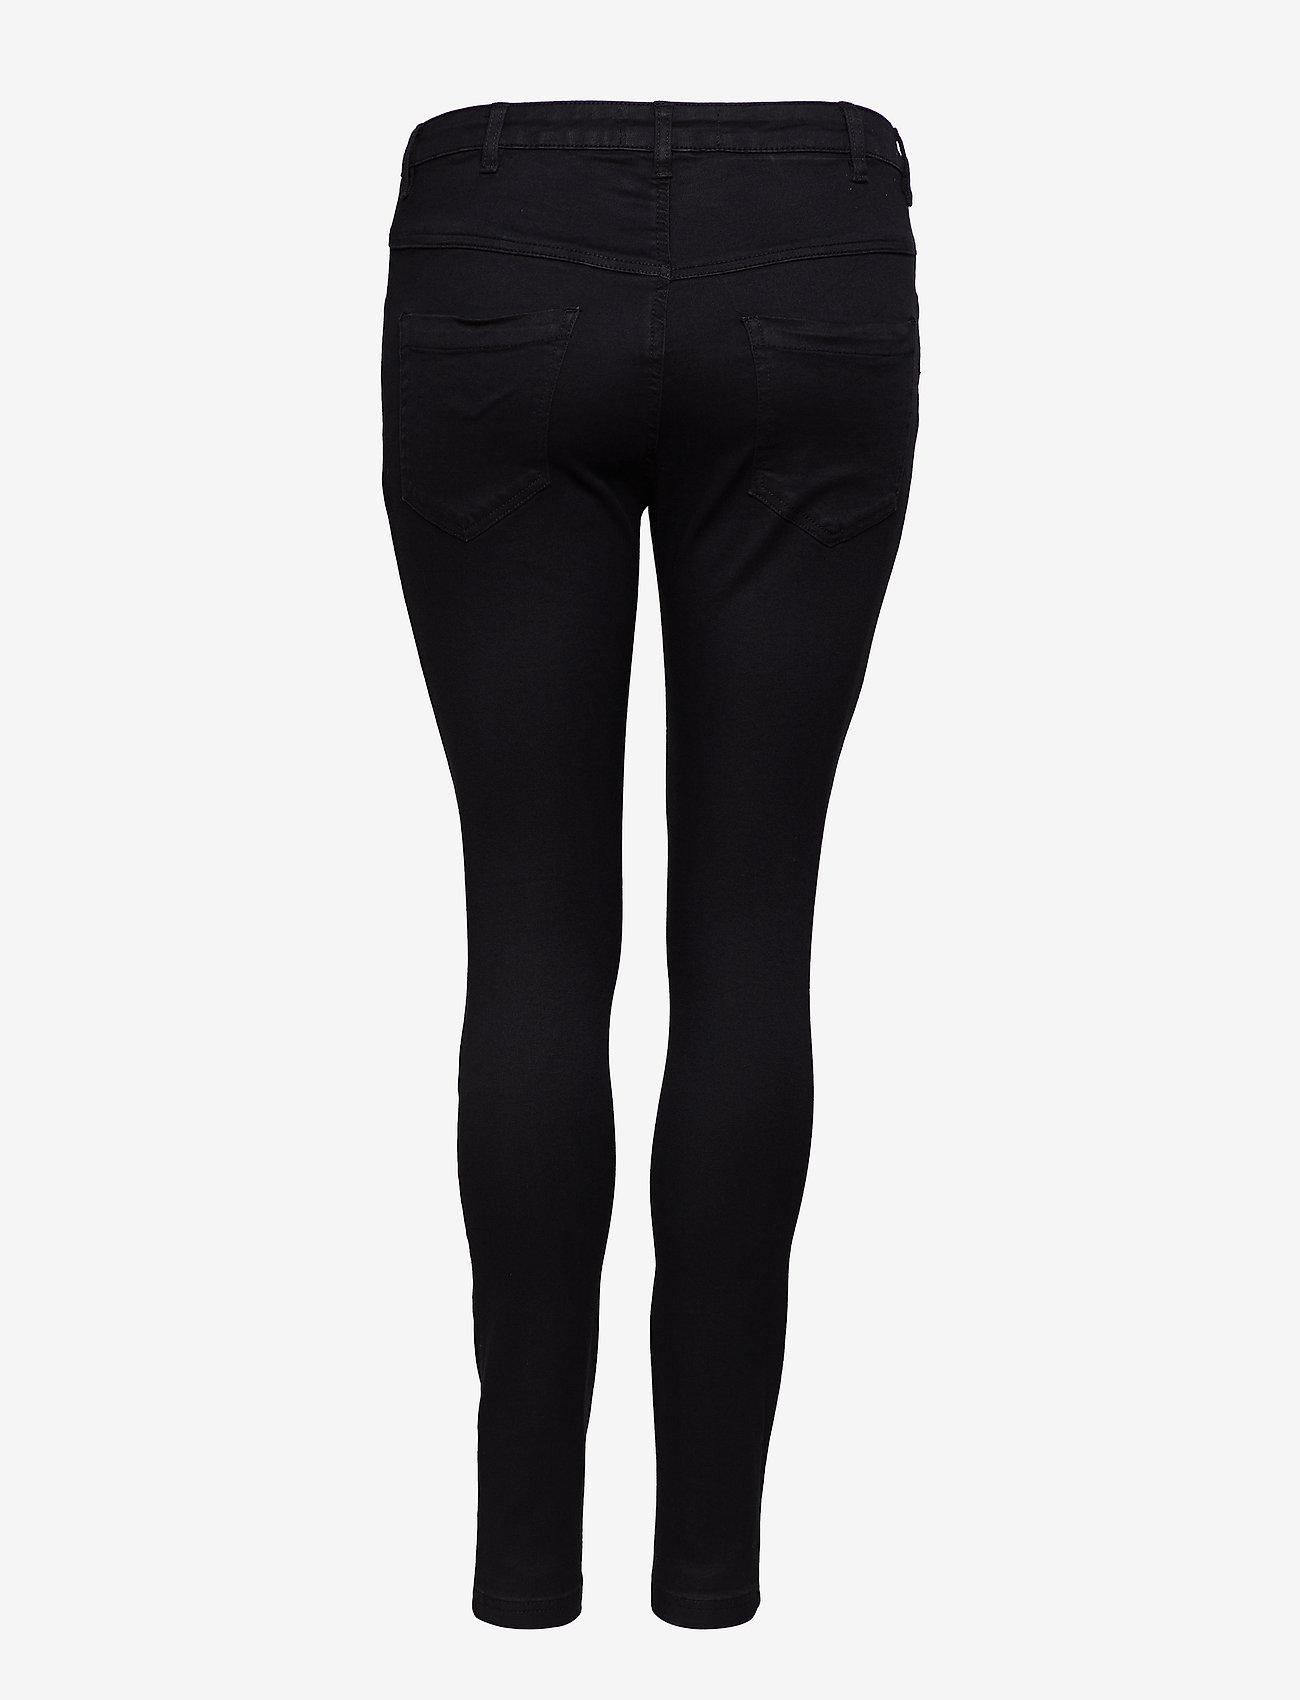 Zizzi Jeans, long, AMY, super slim - Jeans BLACK - Damen Kleidung